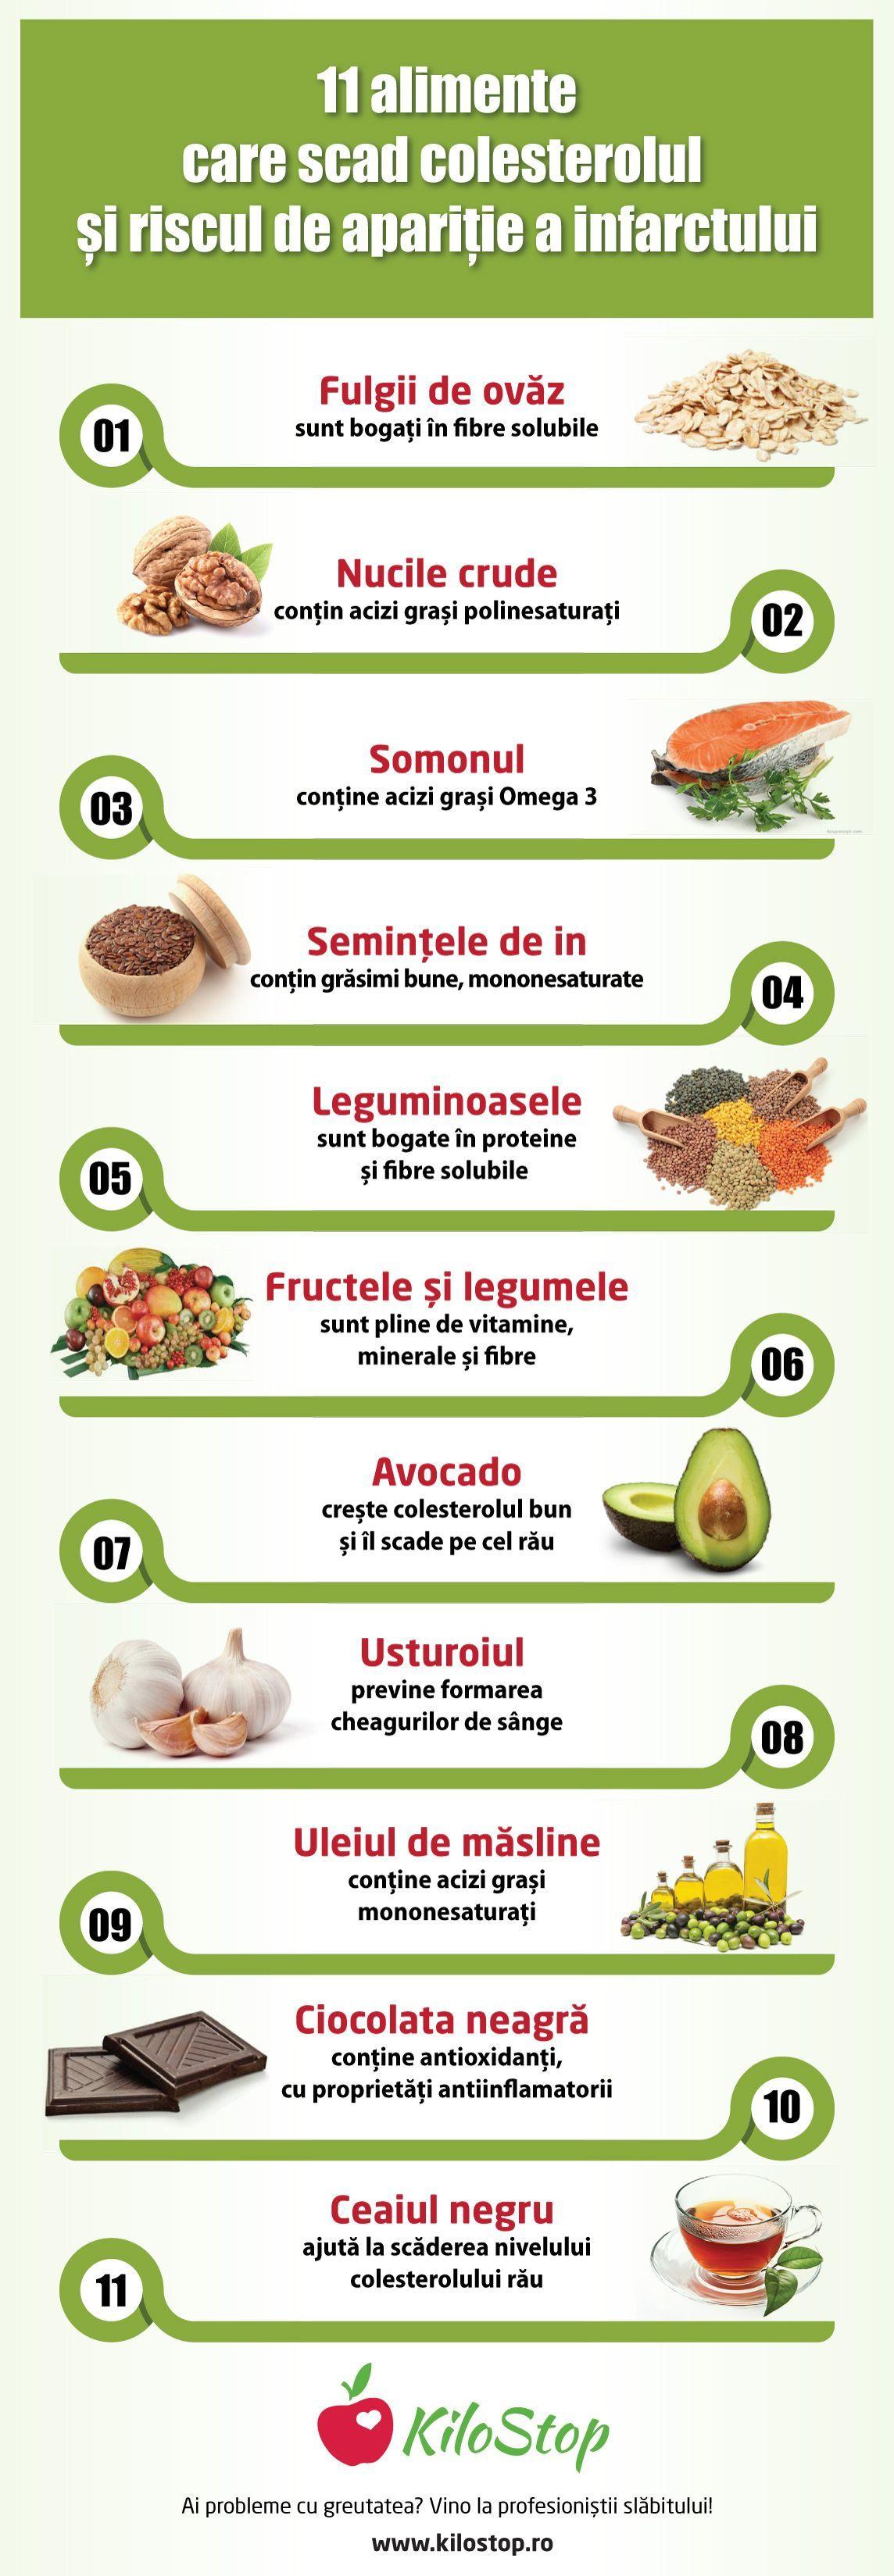 riscuri pentru sănătate de pierdere în greutate